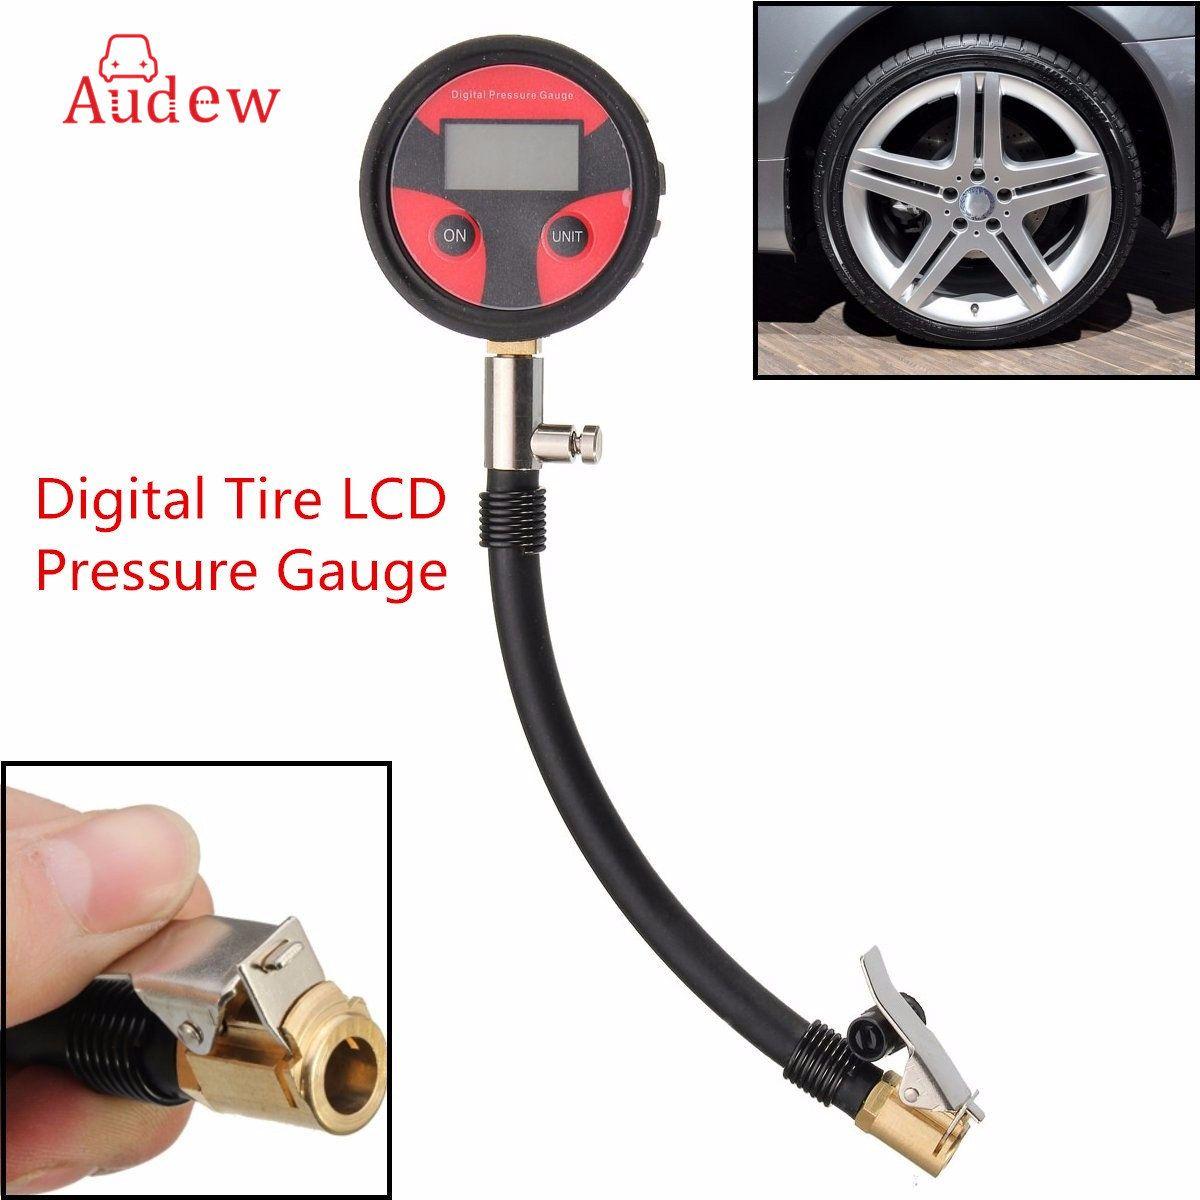 New 0-200PSI Metal Digital Tire LCD Manometer Air Pressure Gauge PSI BAR KPA